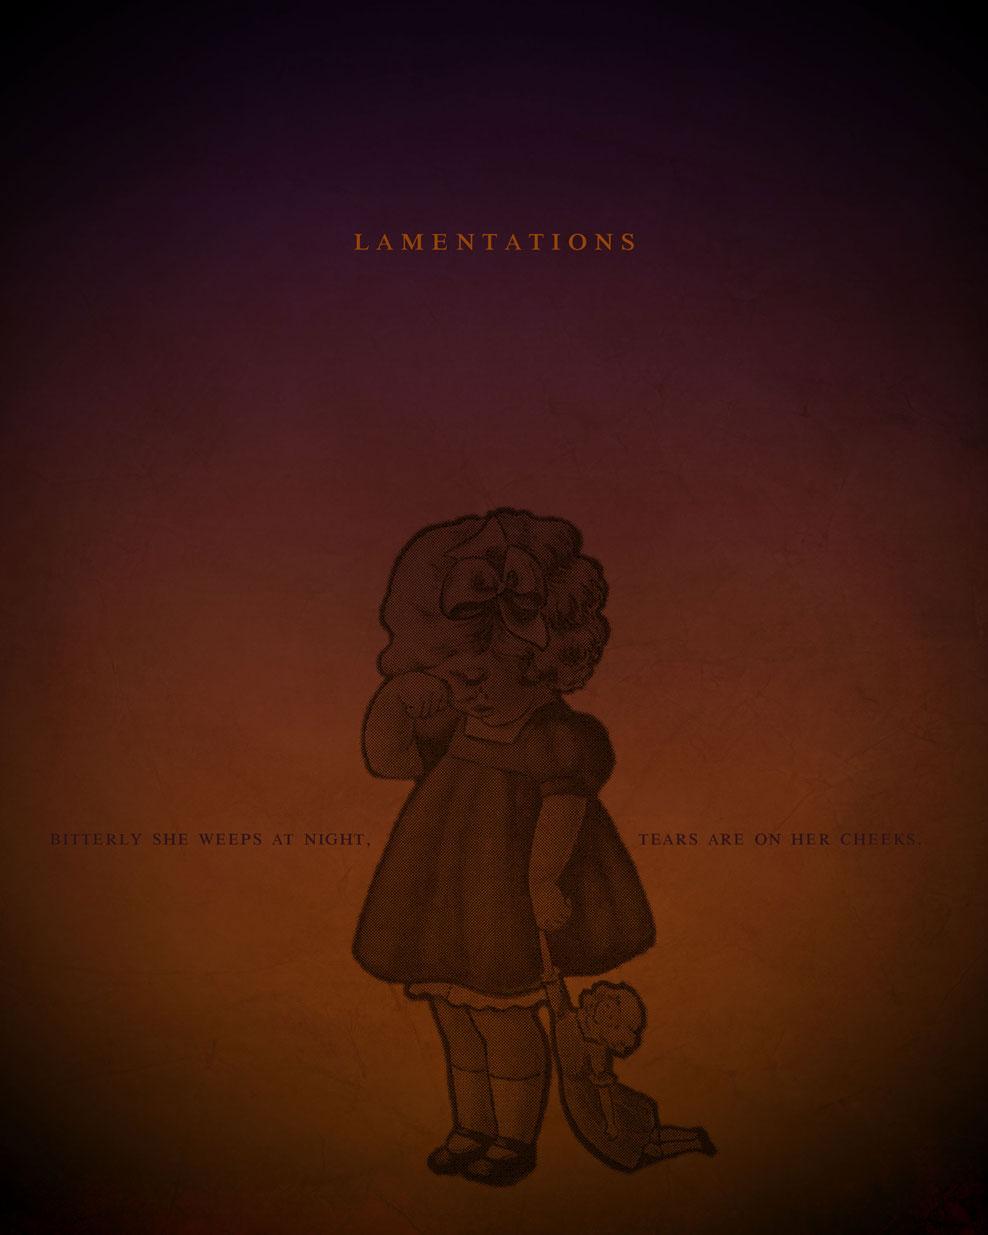 25-Lamentations_988.jpg